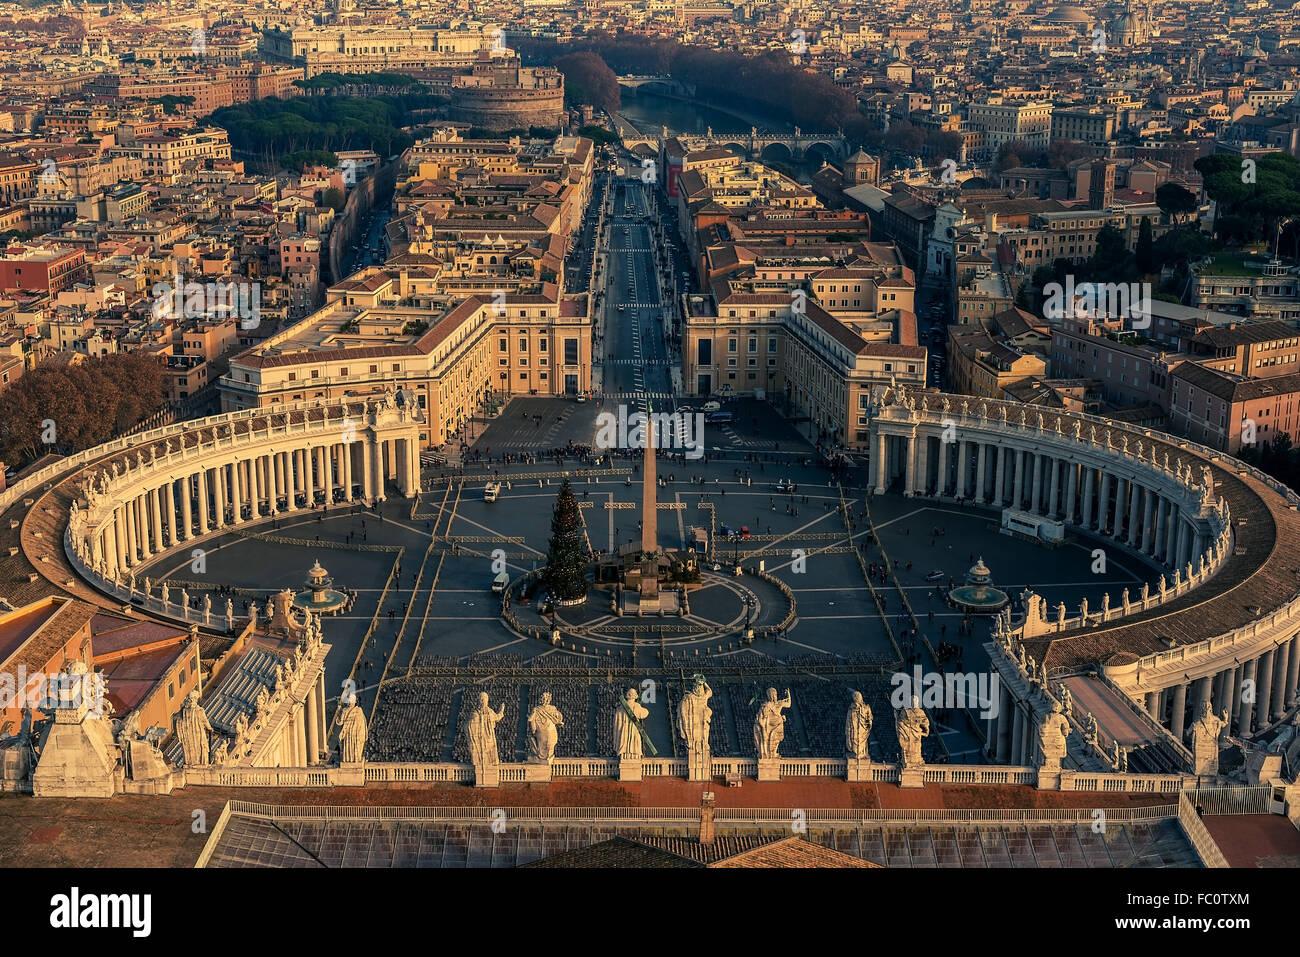 Vue aérienne de la Cité du Vatican et de Rome, Italie Photo Stock